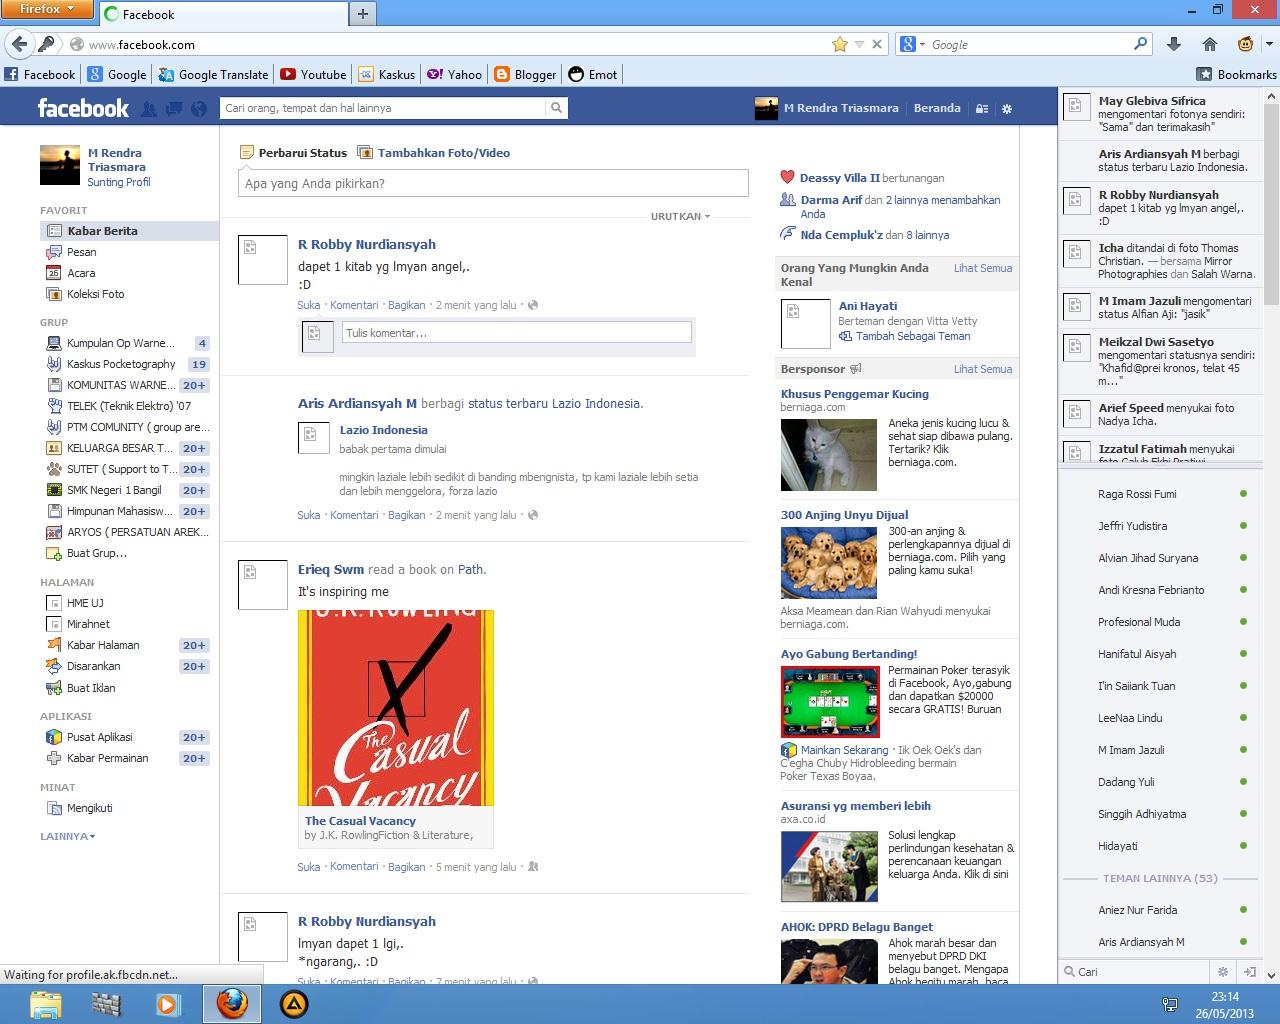 Browser Tidak Bisa Buka Email Dan Gambar Di Facebook